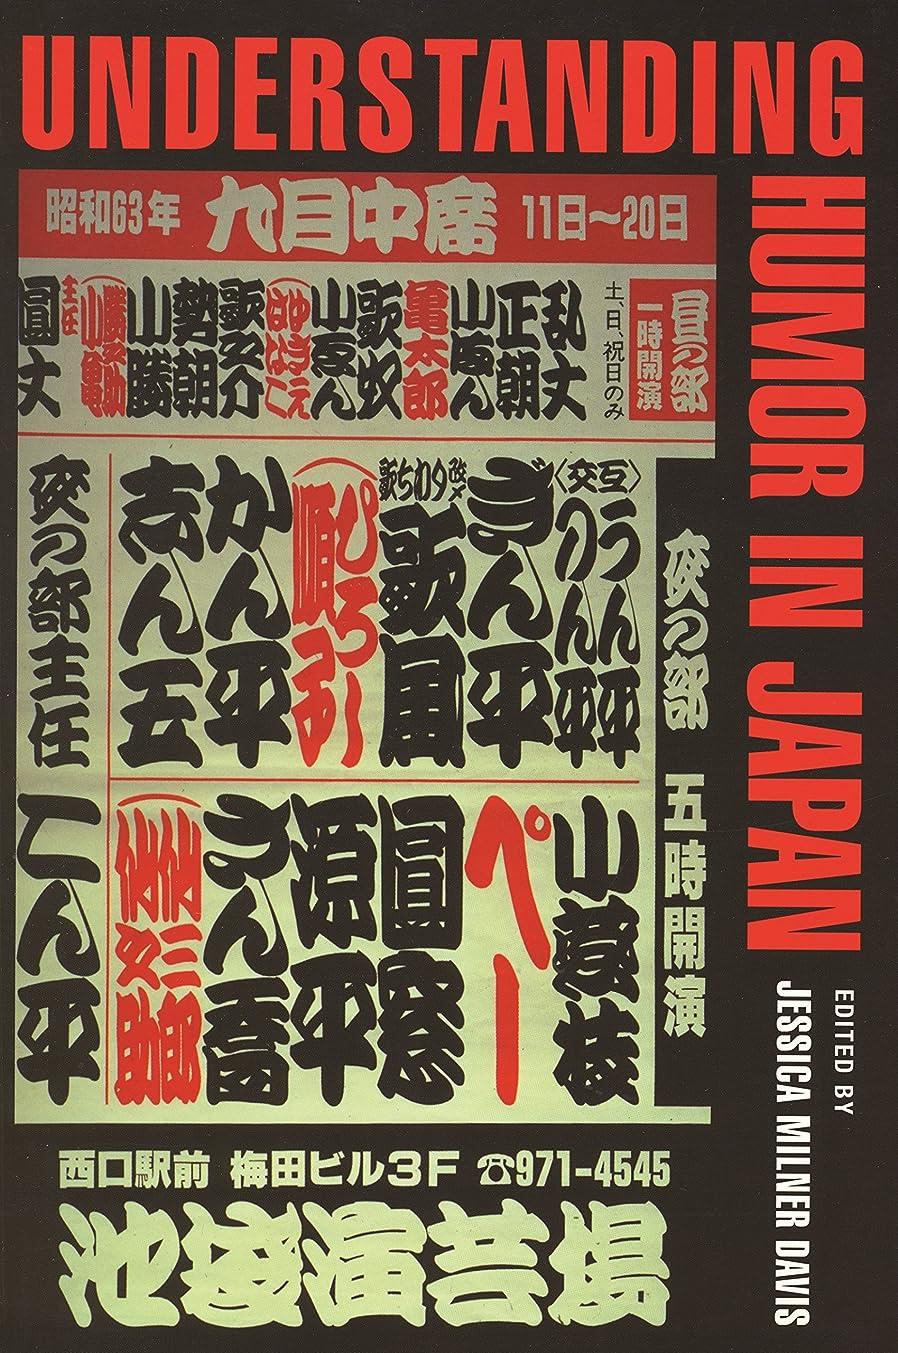 無視たとえ疑問に思うUnderstanding Humor in Japan (Humor in Life and Letters Series) (English Edition)